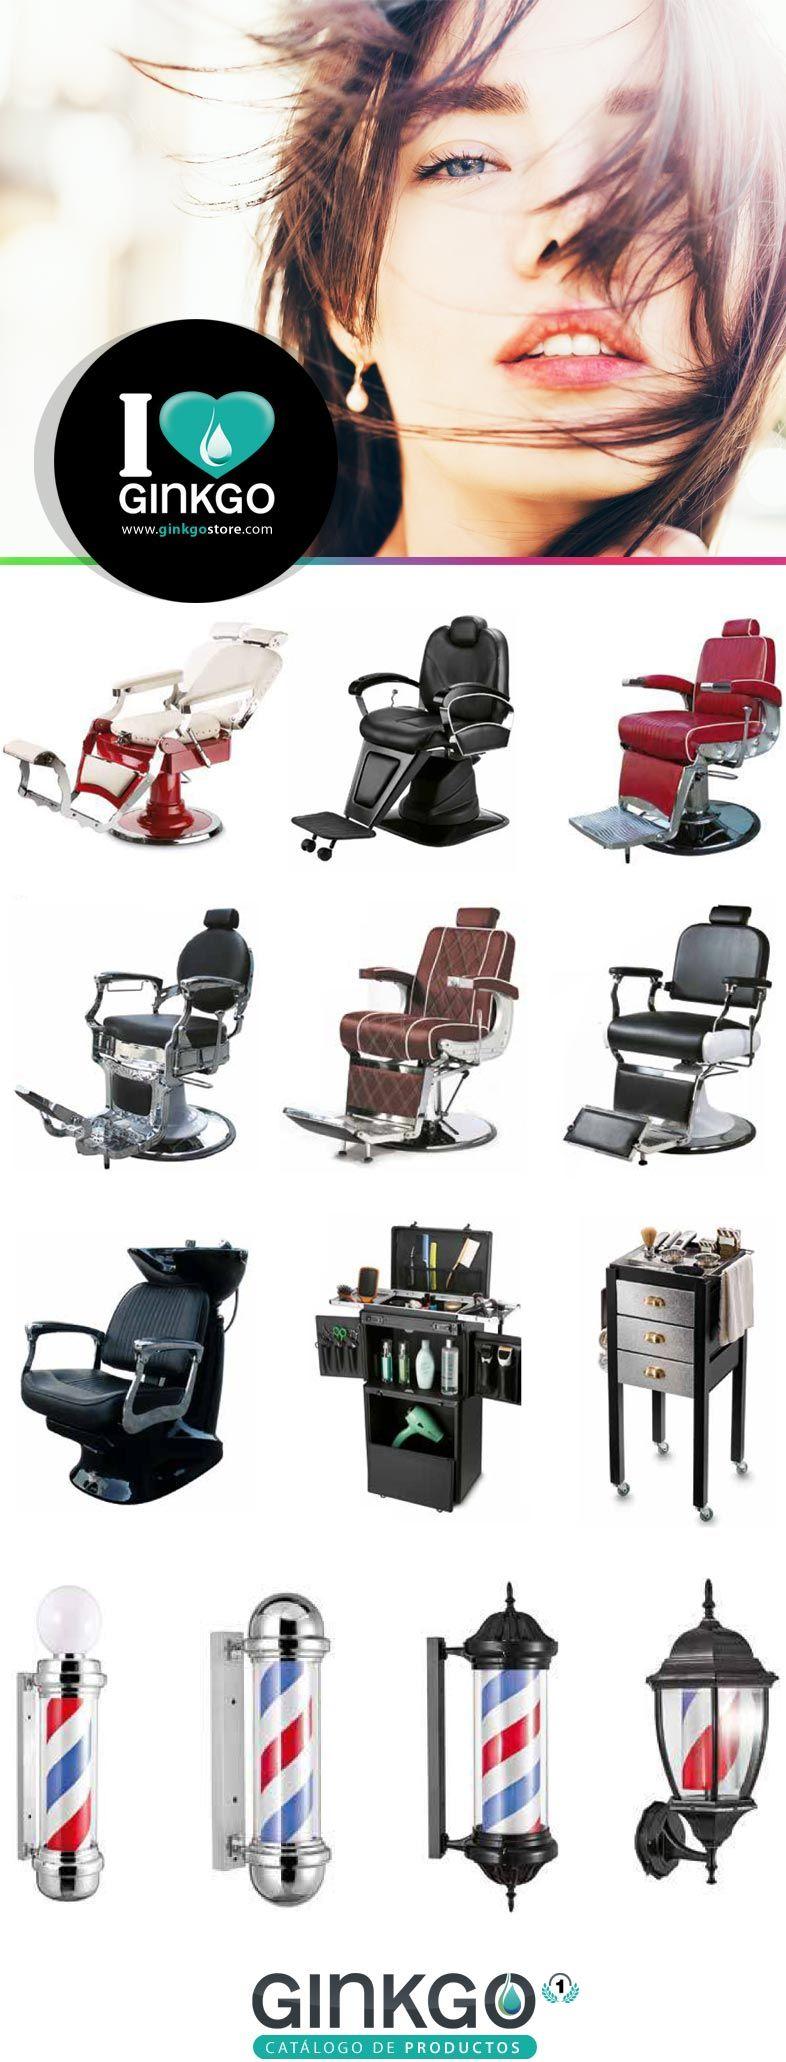 Mobiliario de barbería Ginkgo Store - Recomienda La Casa de la Lámpara :-)